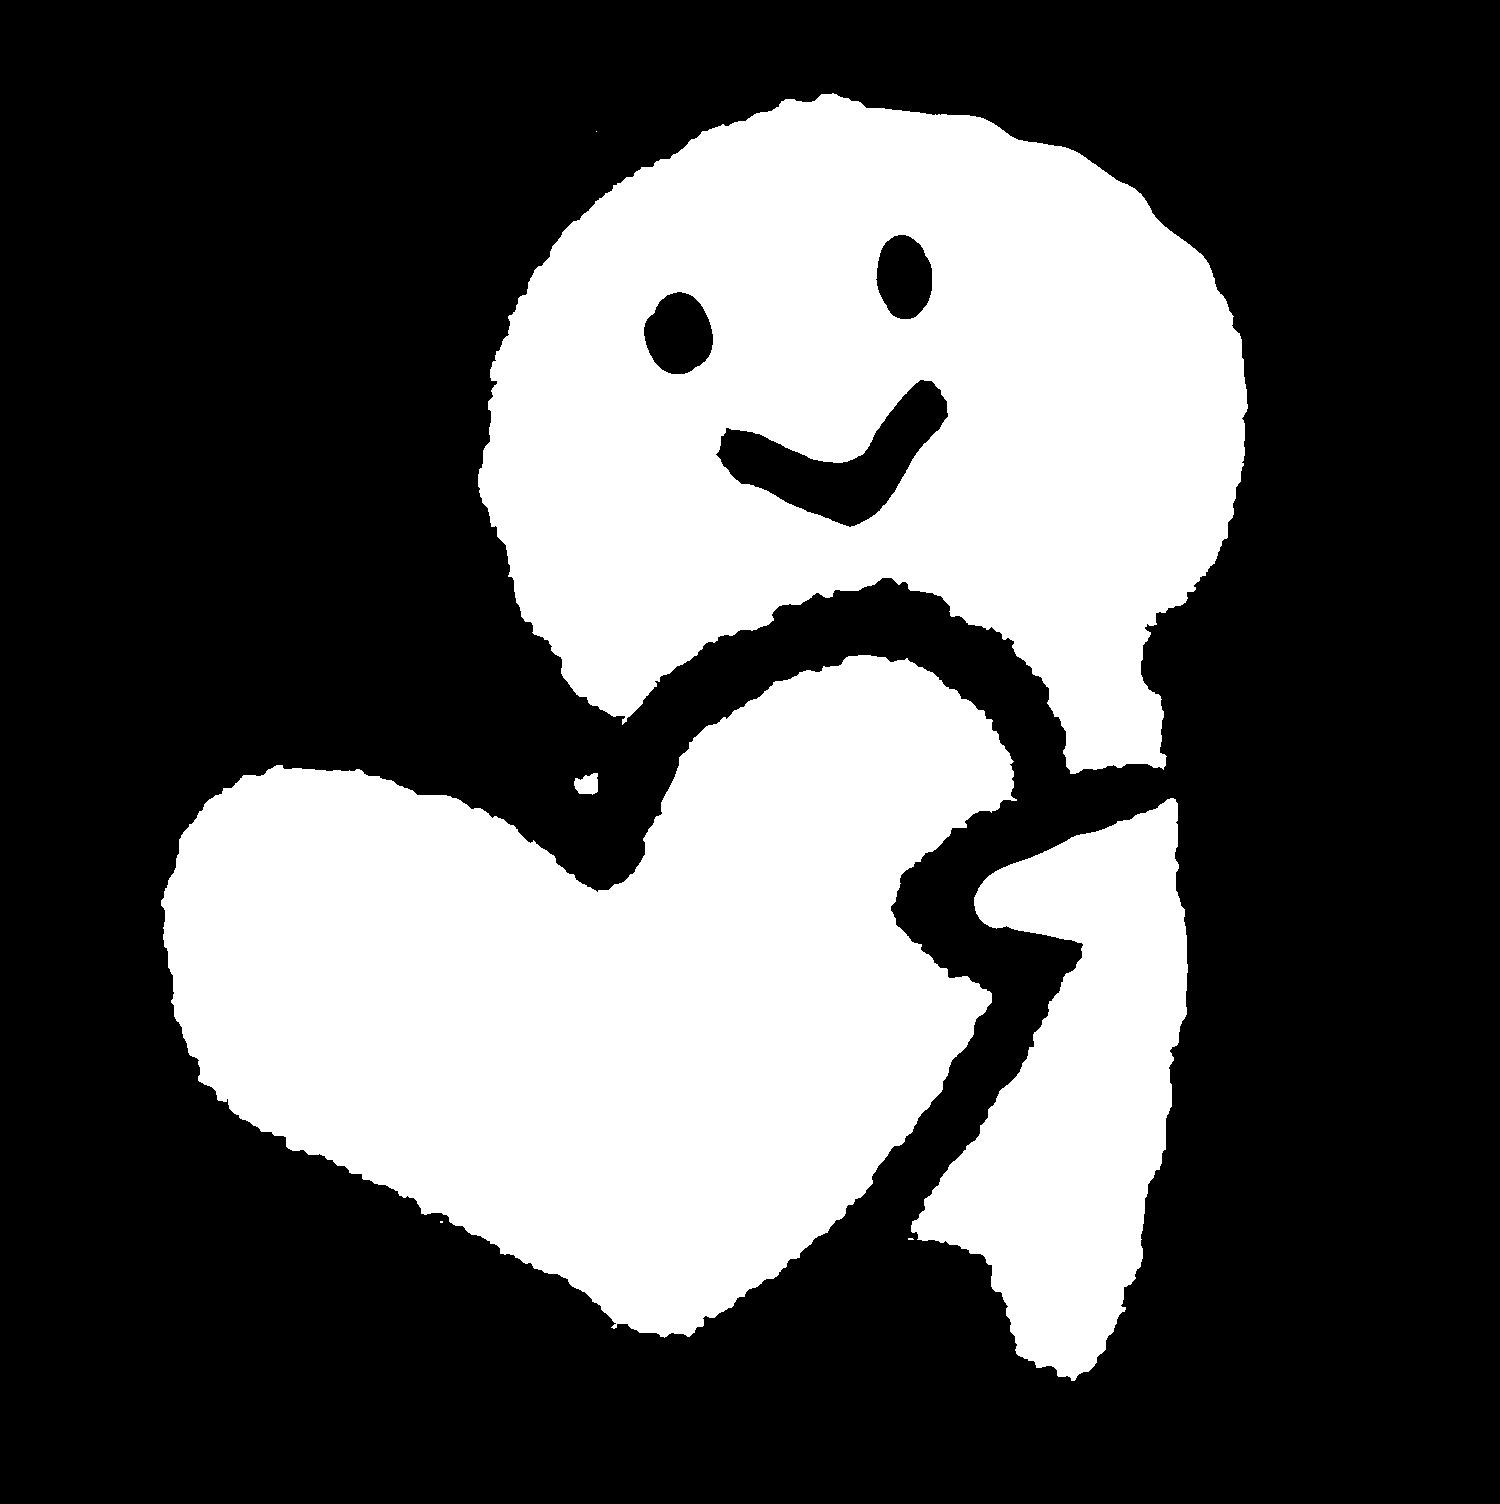 ハートを渡すのイラスト / Give the heart Illustration